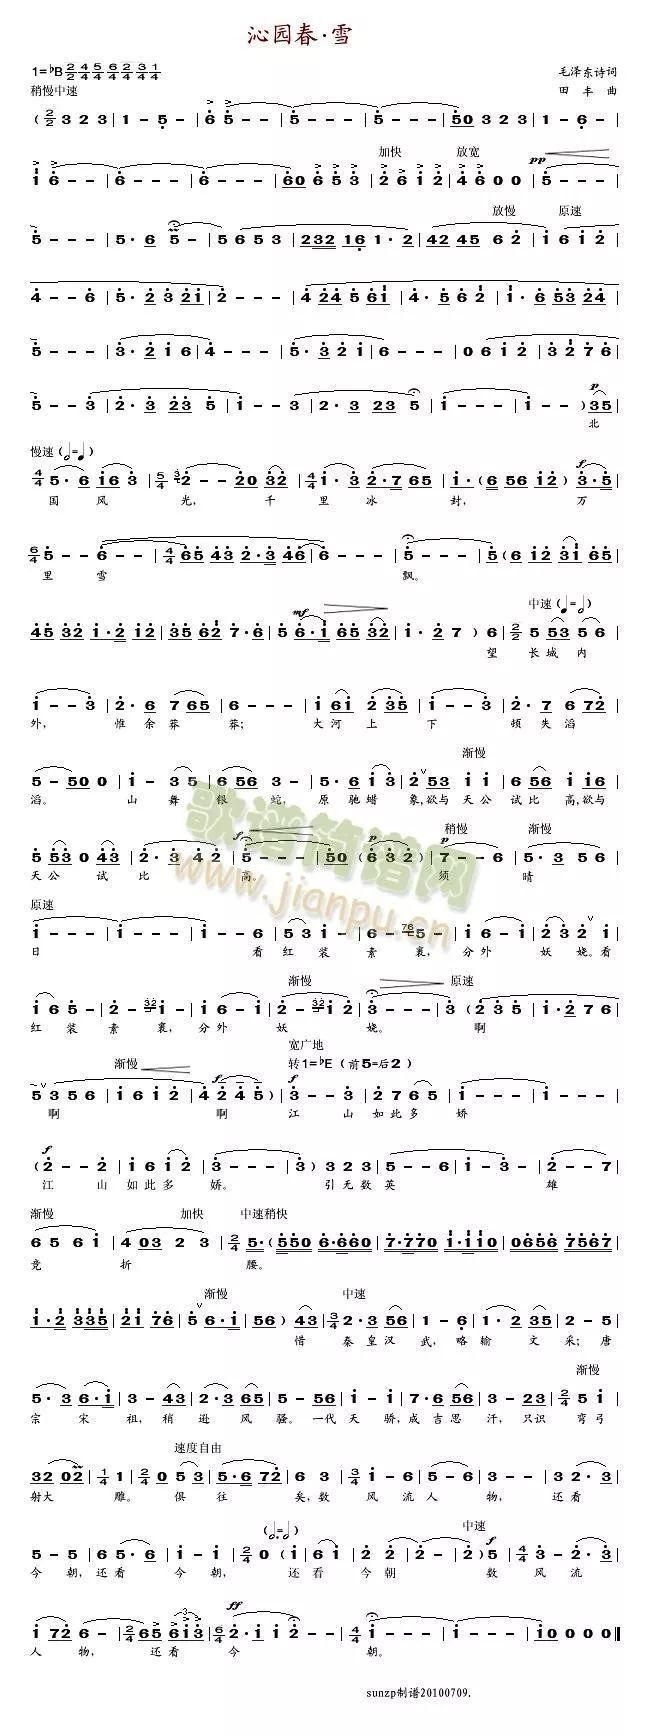 江山主题曲合唱曲谱